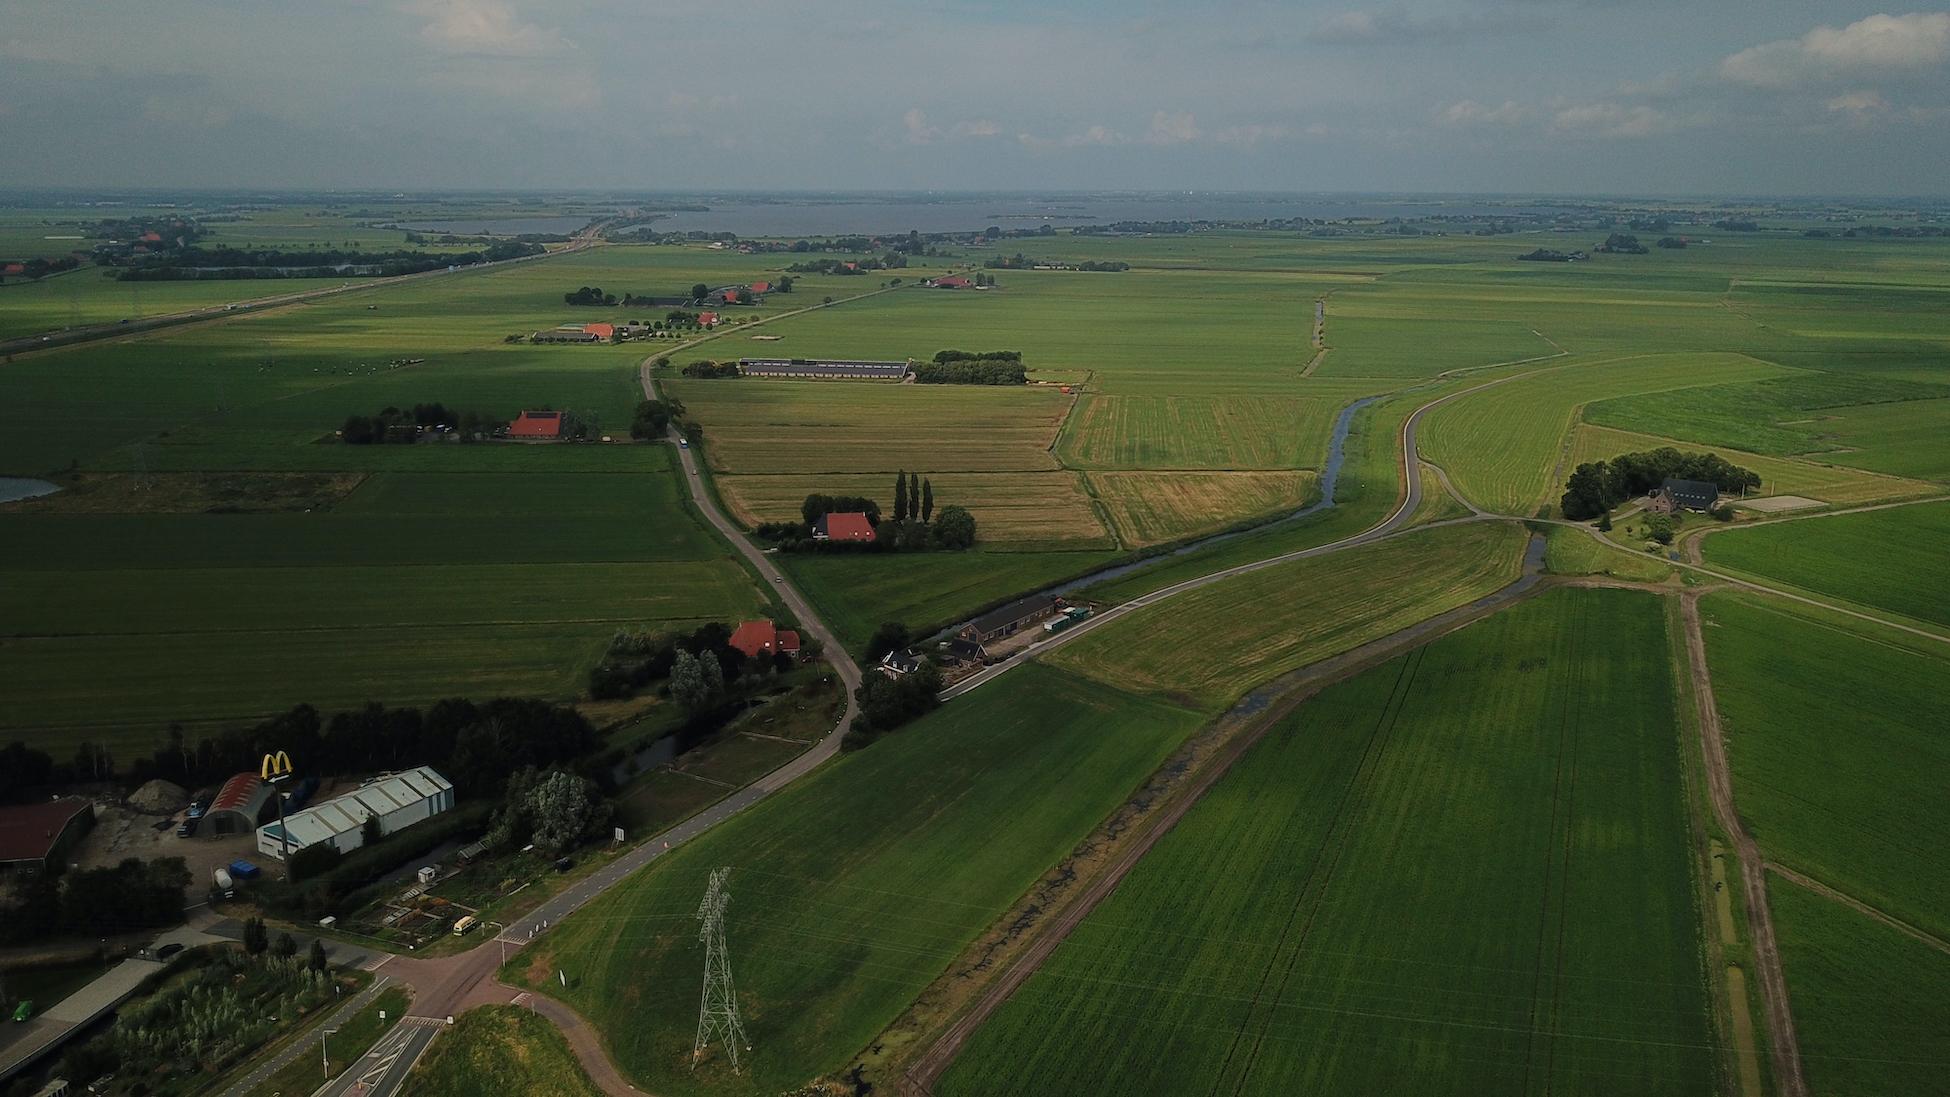 Verdwenen dorp: Bant, tussen Lemmer en Oosterzee